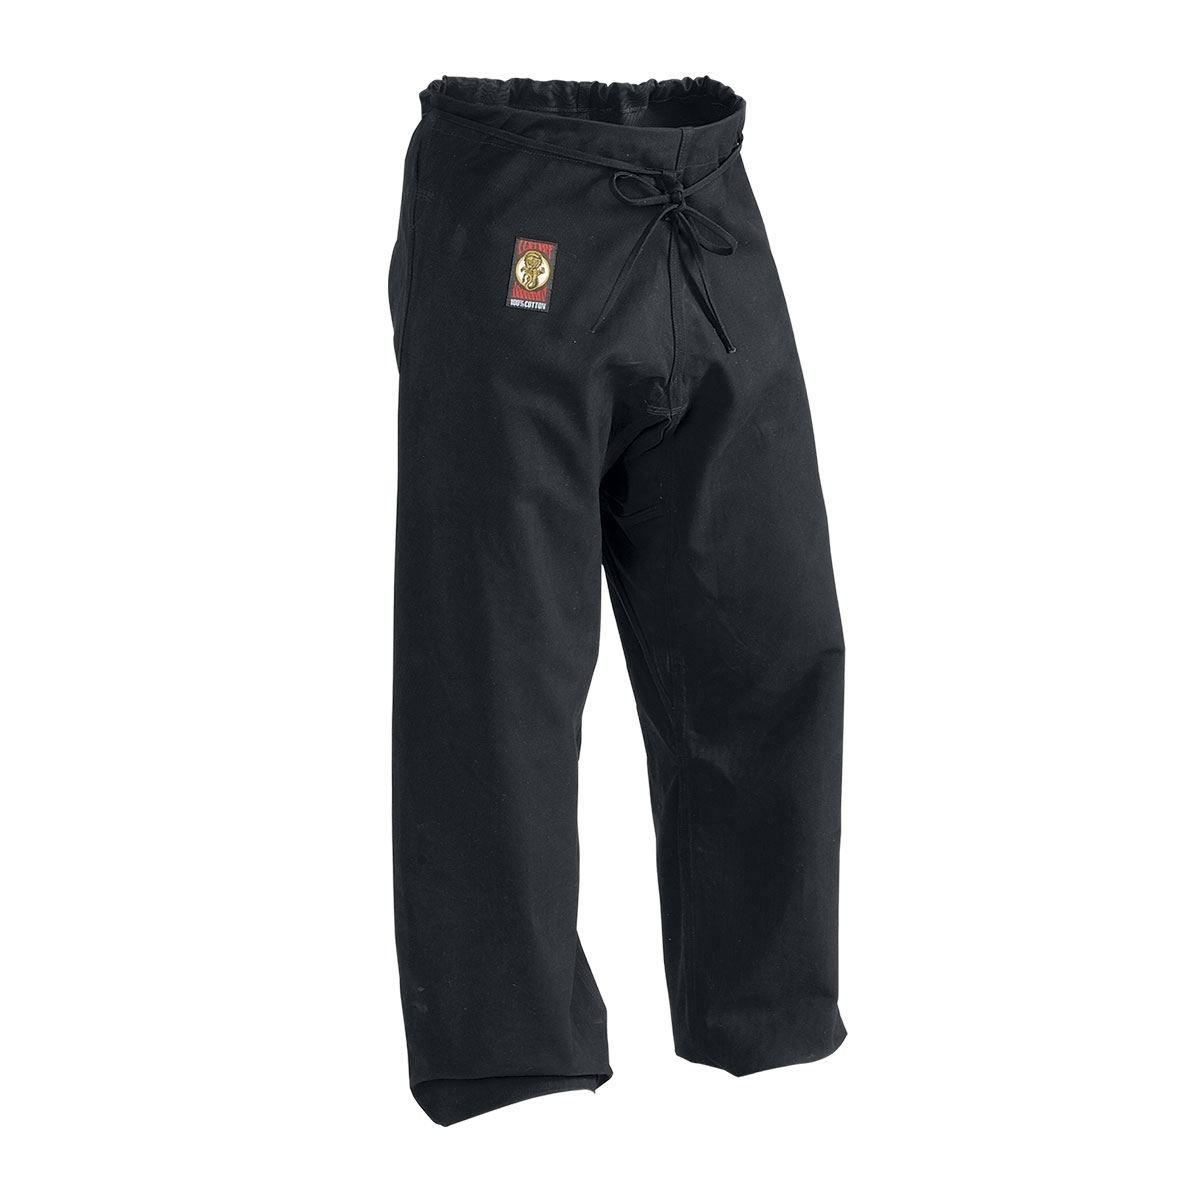 世紀14オンス従来Ironman格闘技空手パンツ 5 - ブラック Adult 5 Adult Large ブラック B00J0IKHQK, ミナミナスマチ:3f149700 --- capela.dominiotemporario.com